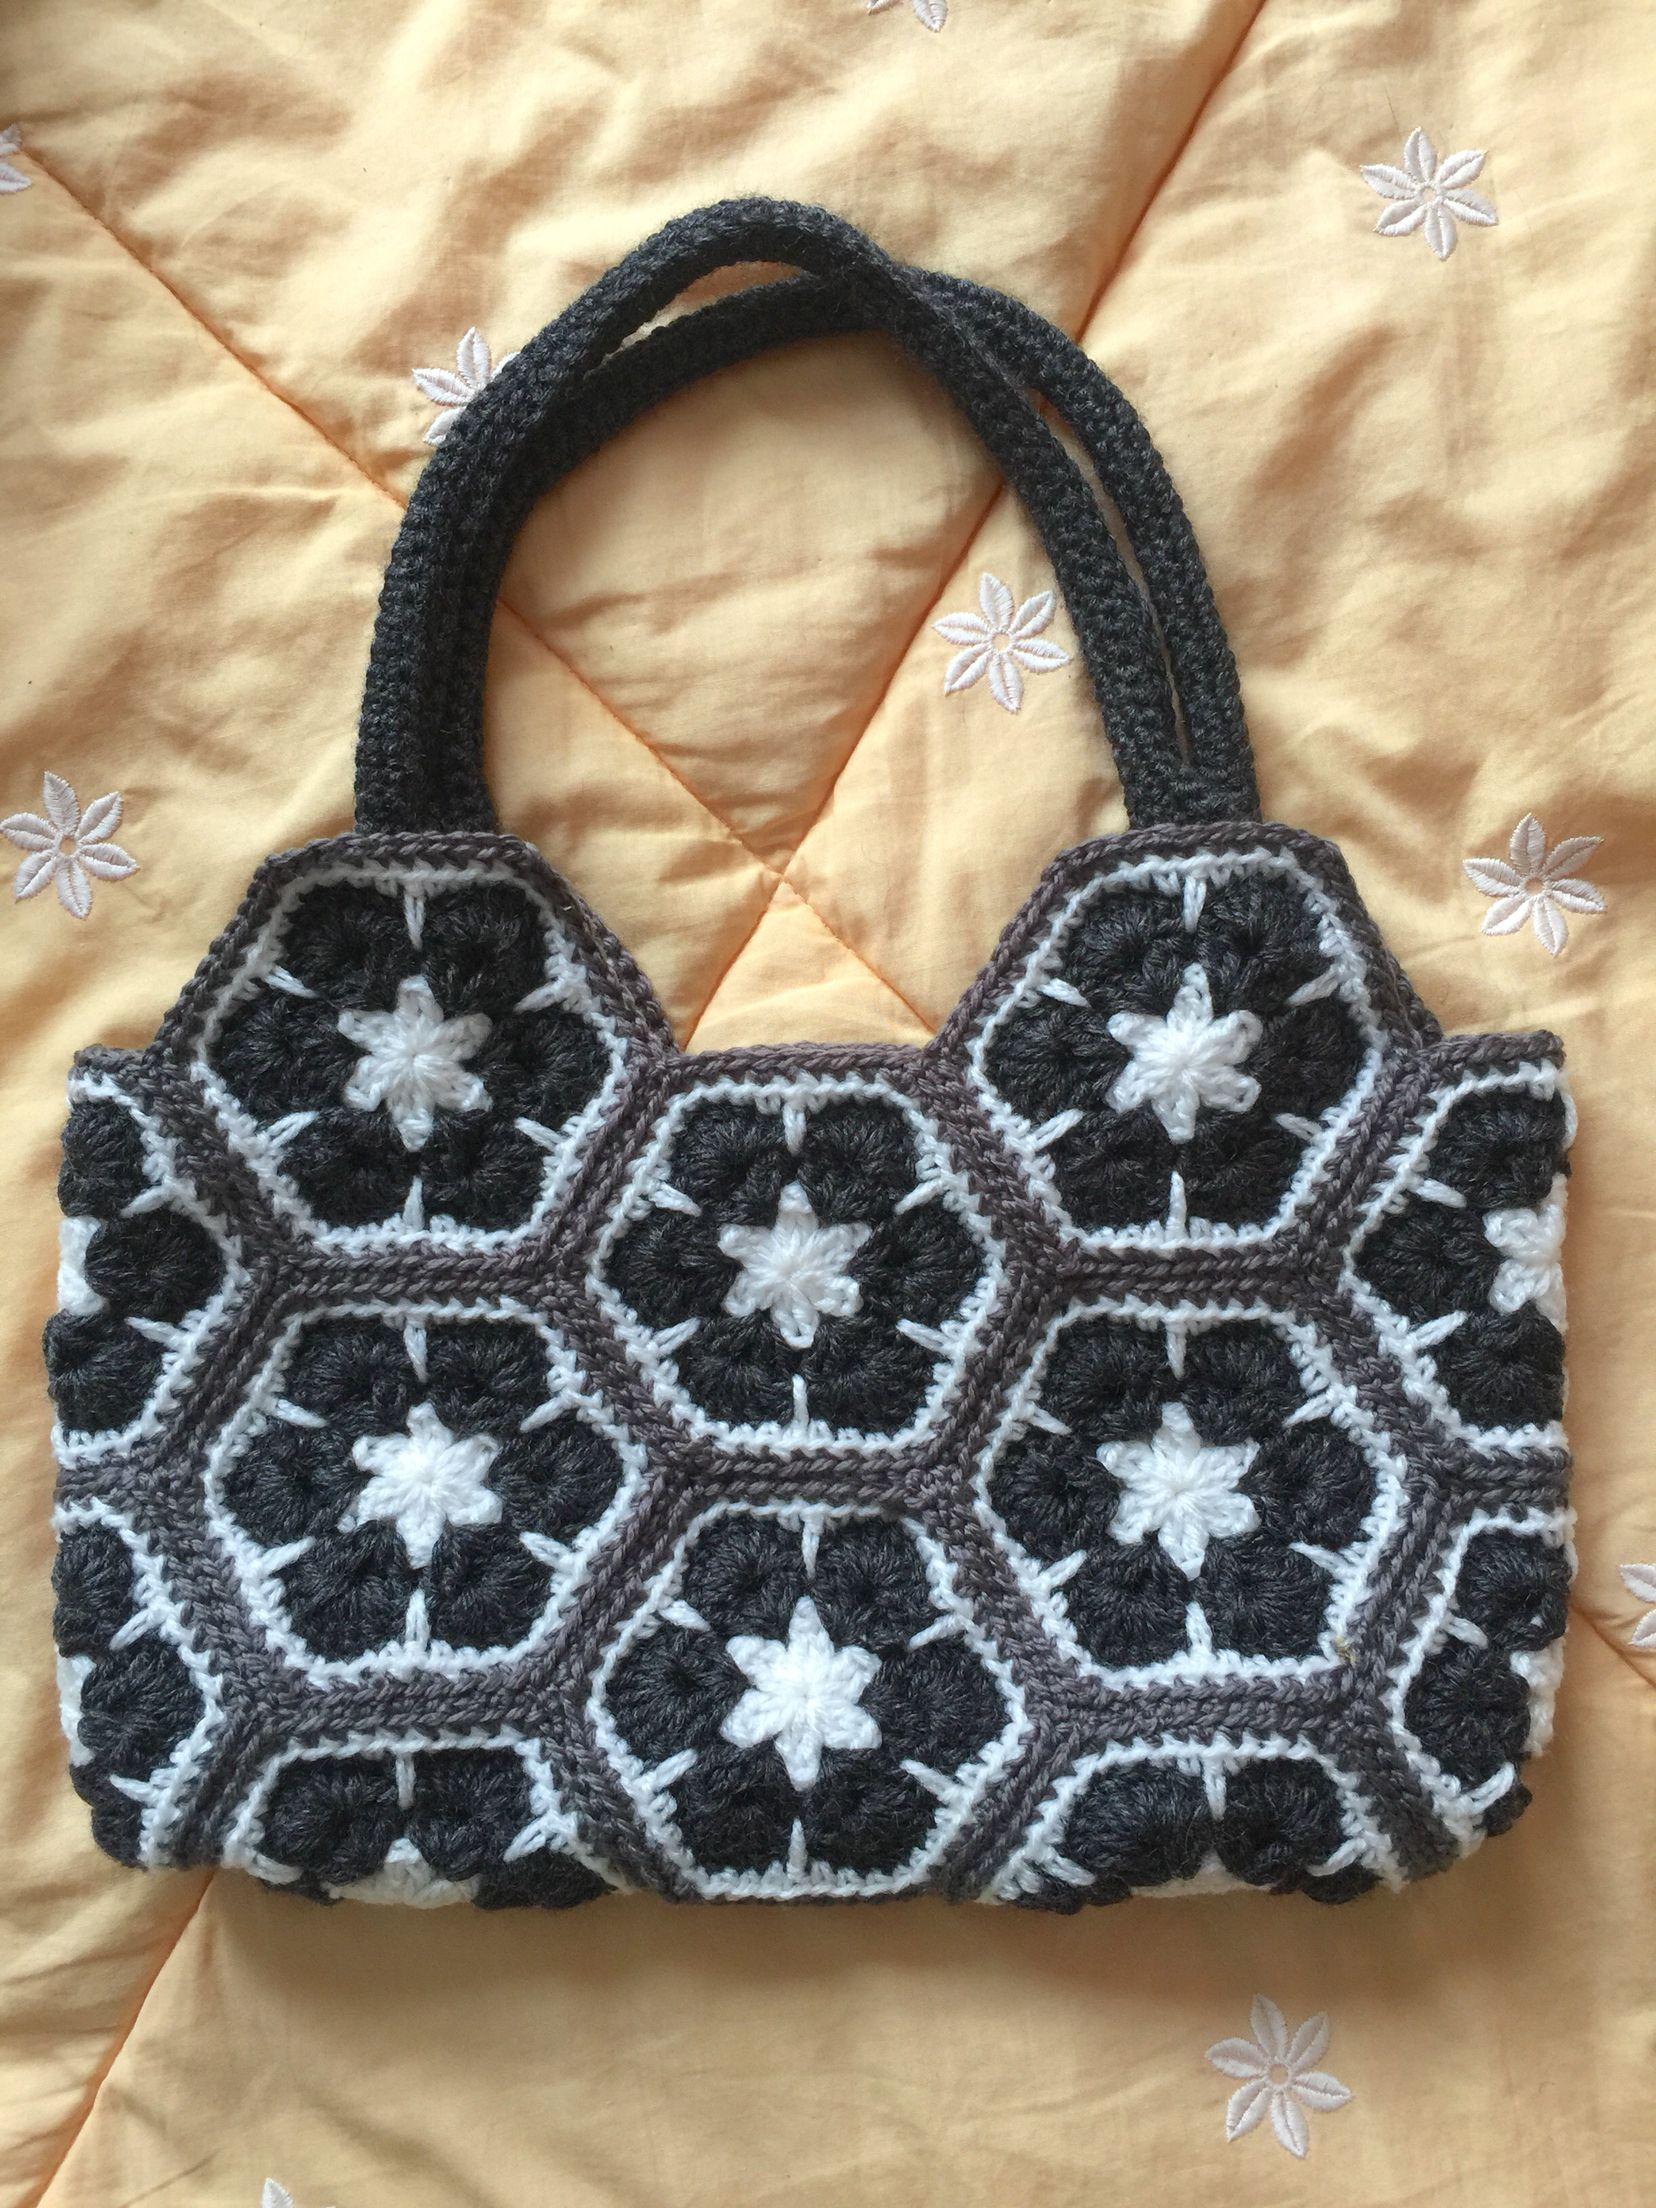 White Black and Grey African flower crochet bag | Yarn | Pinterest ...